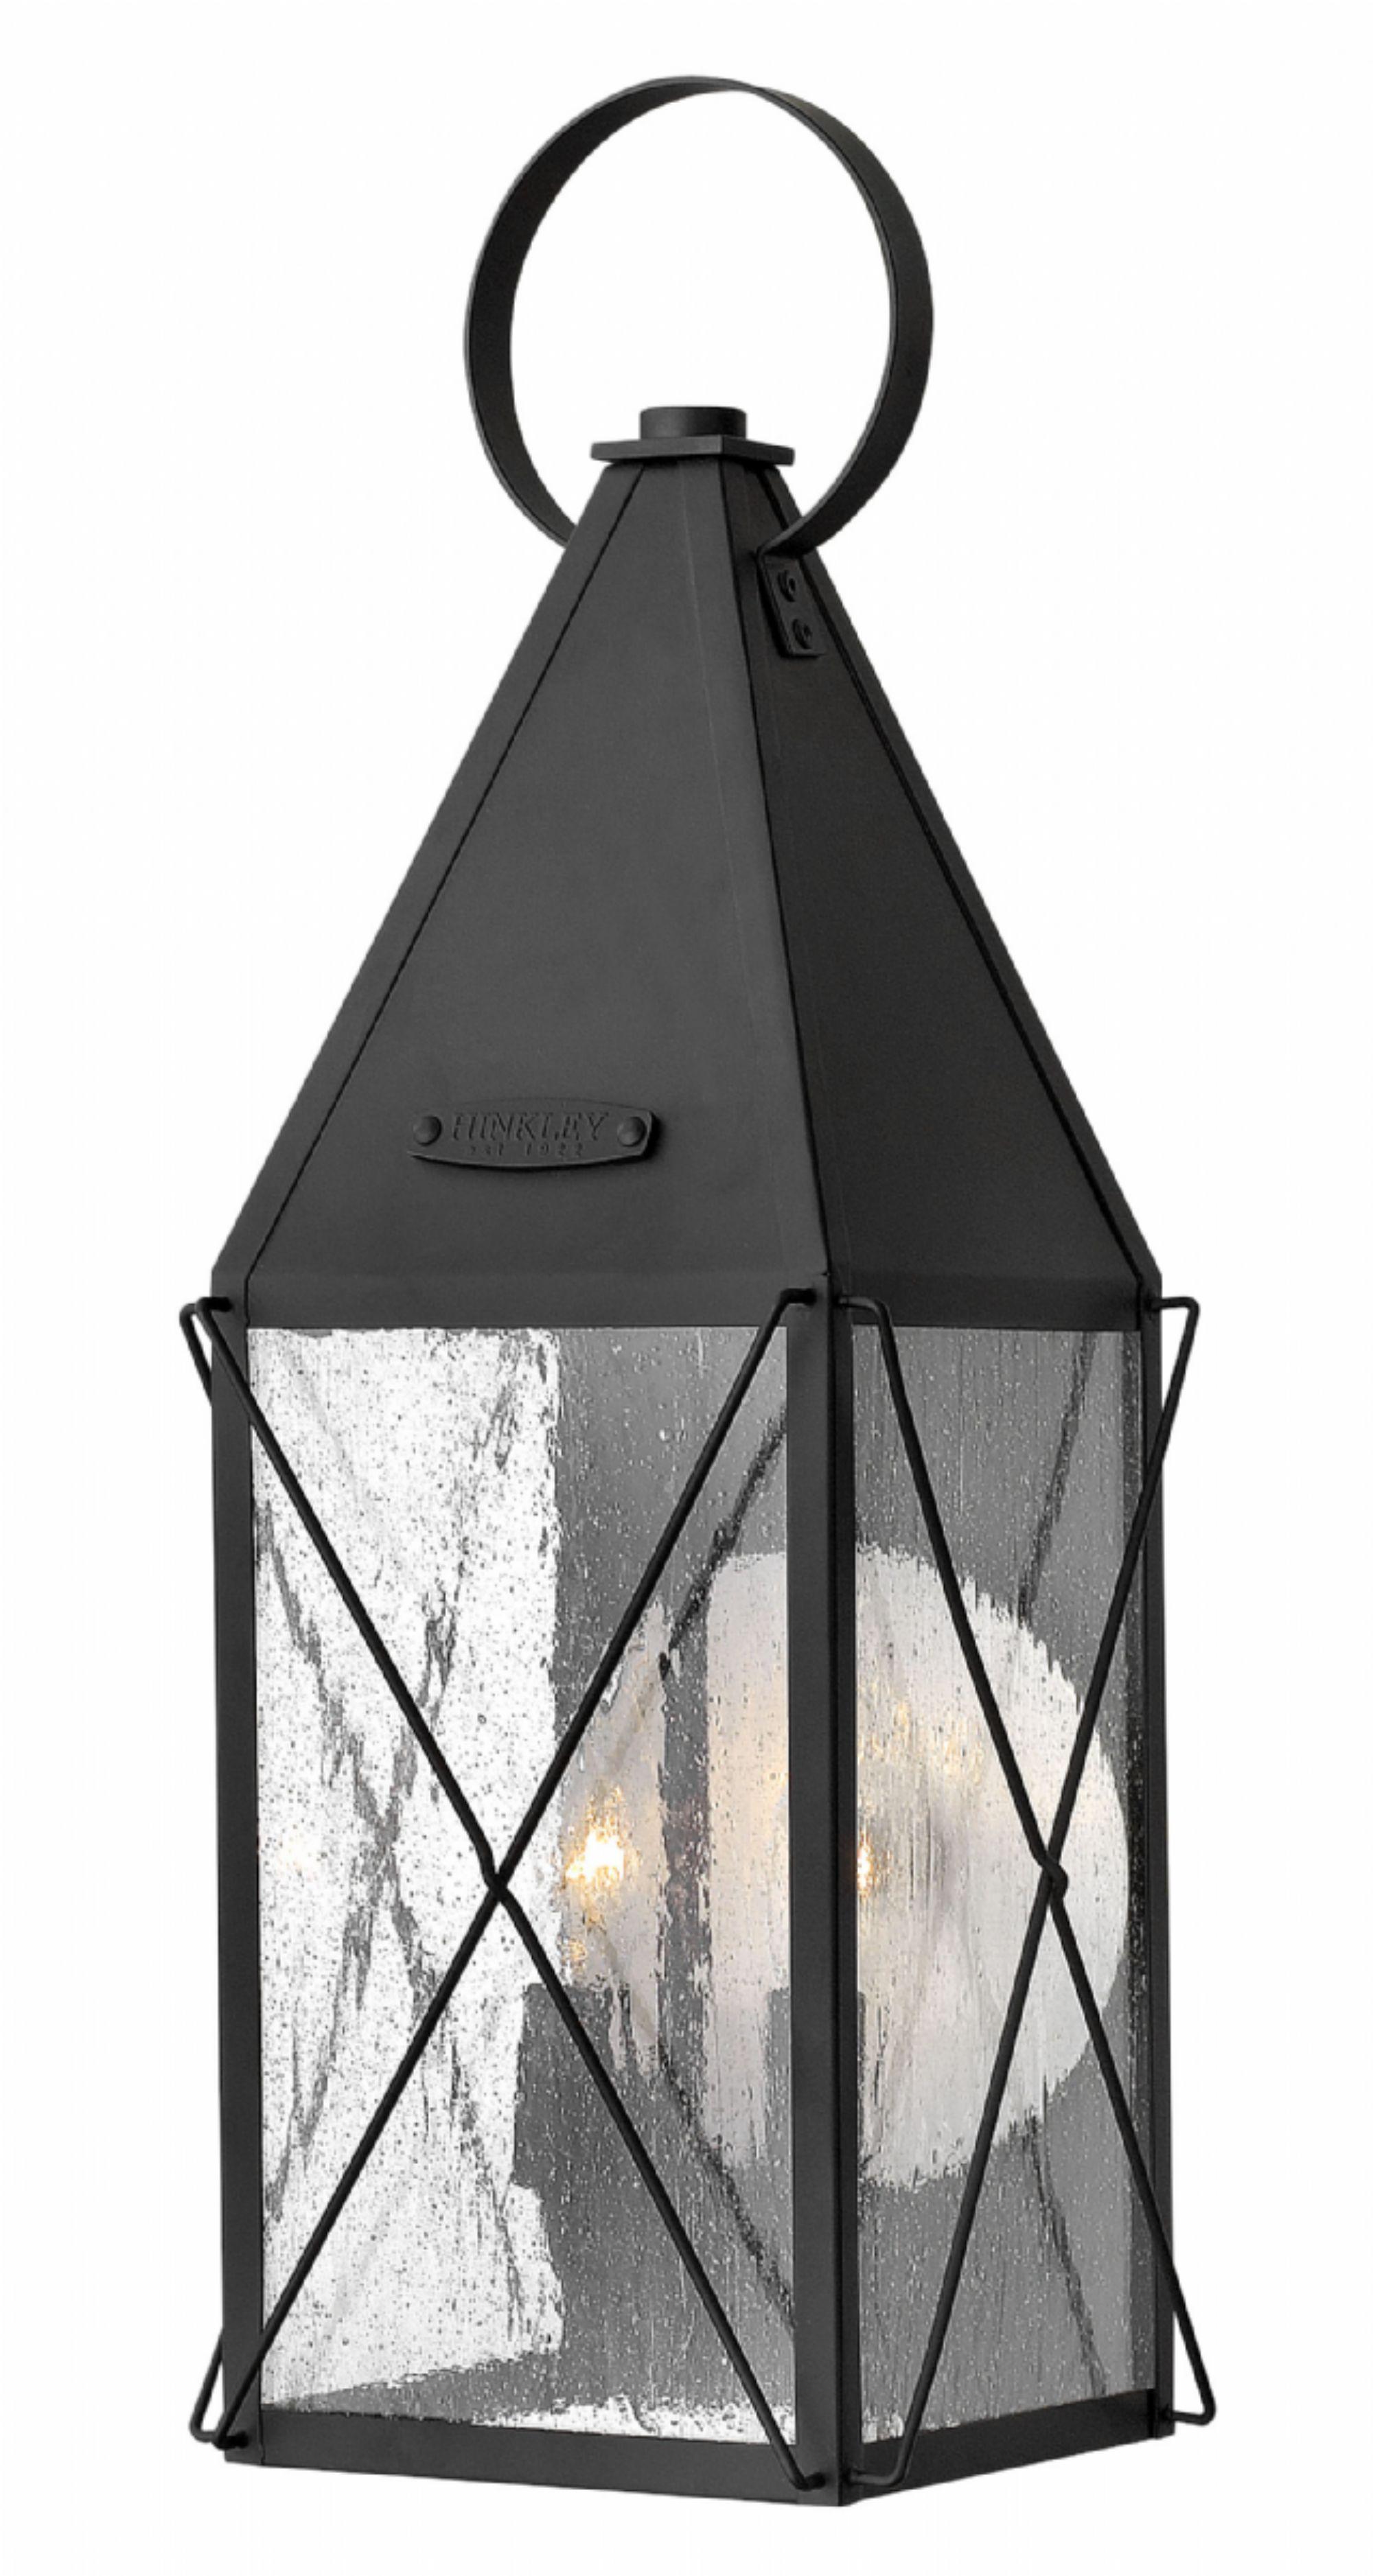 88240-780 Sea Gull Lighting Single Light Wall Lantern in Burled Iron